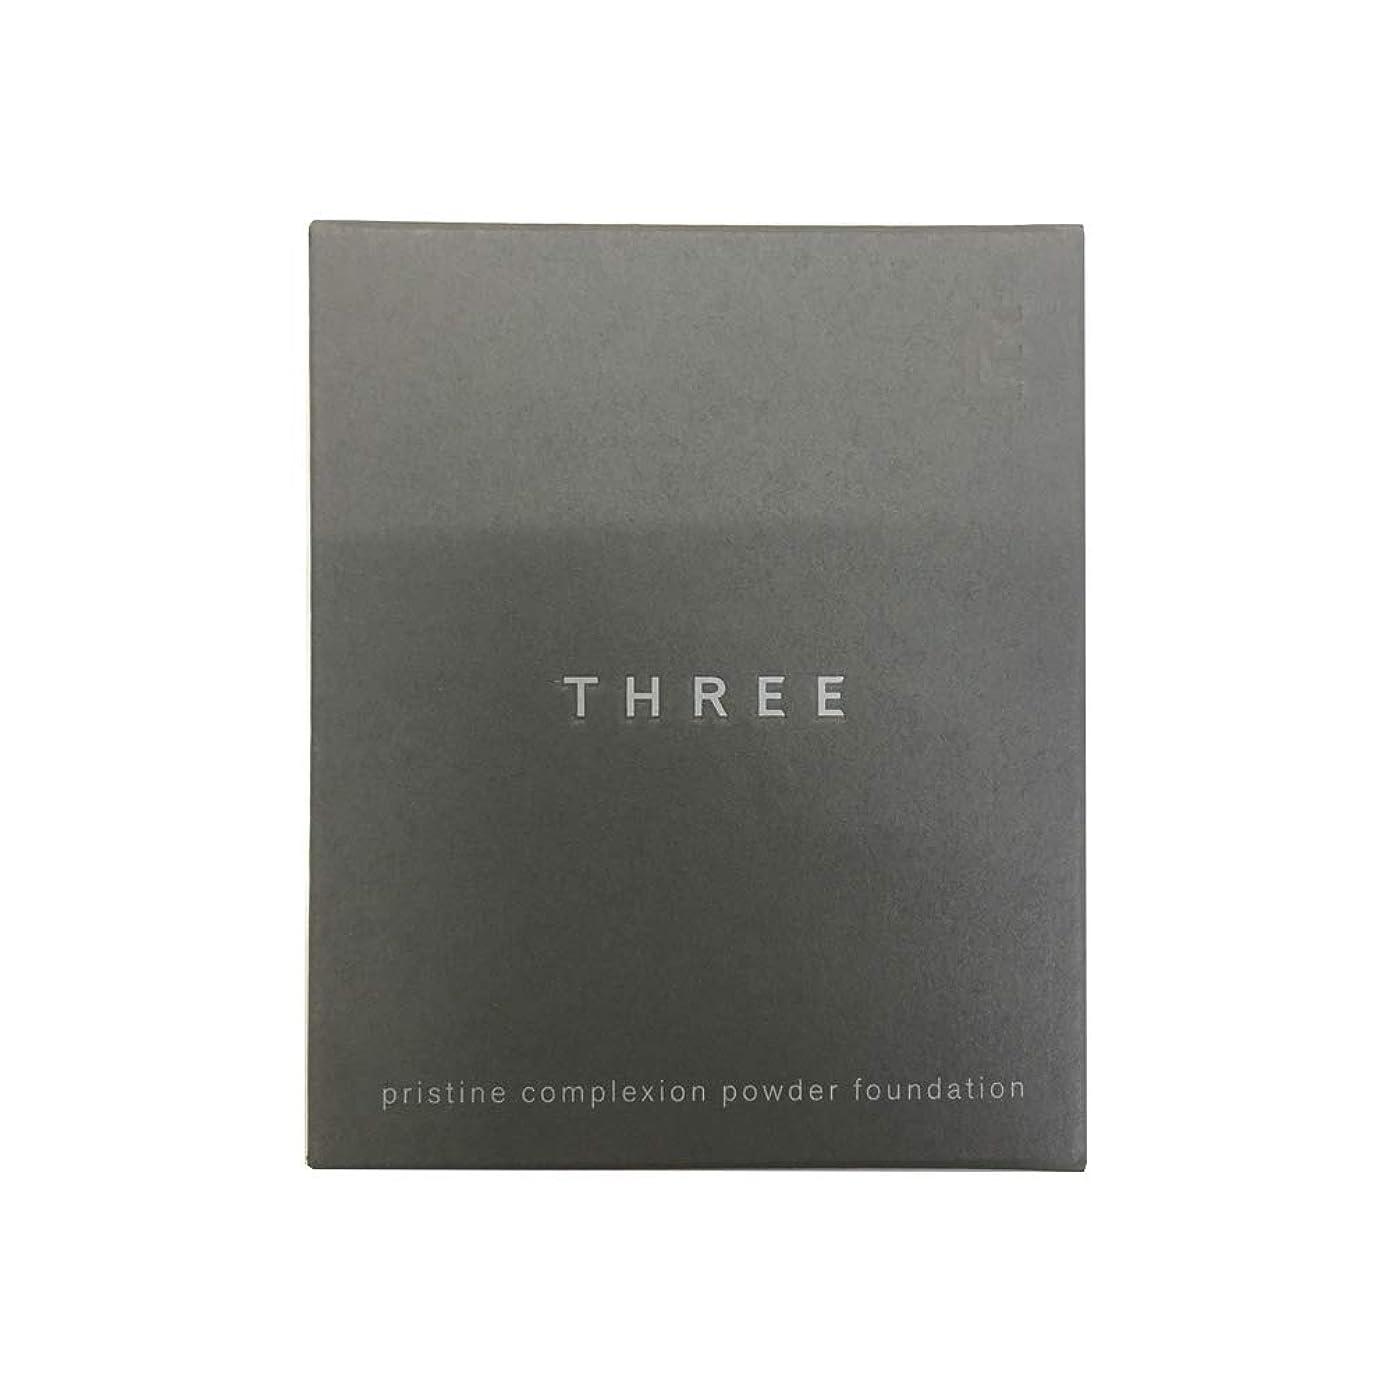 回想むしろ触覚THREE(スリー) プリスティーンコンプレクションパウダーファンデーション #203(リフィル) [ パウダーファンデーション ] [並行輸入品]